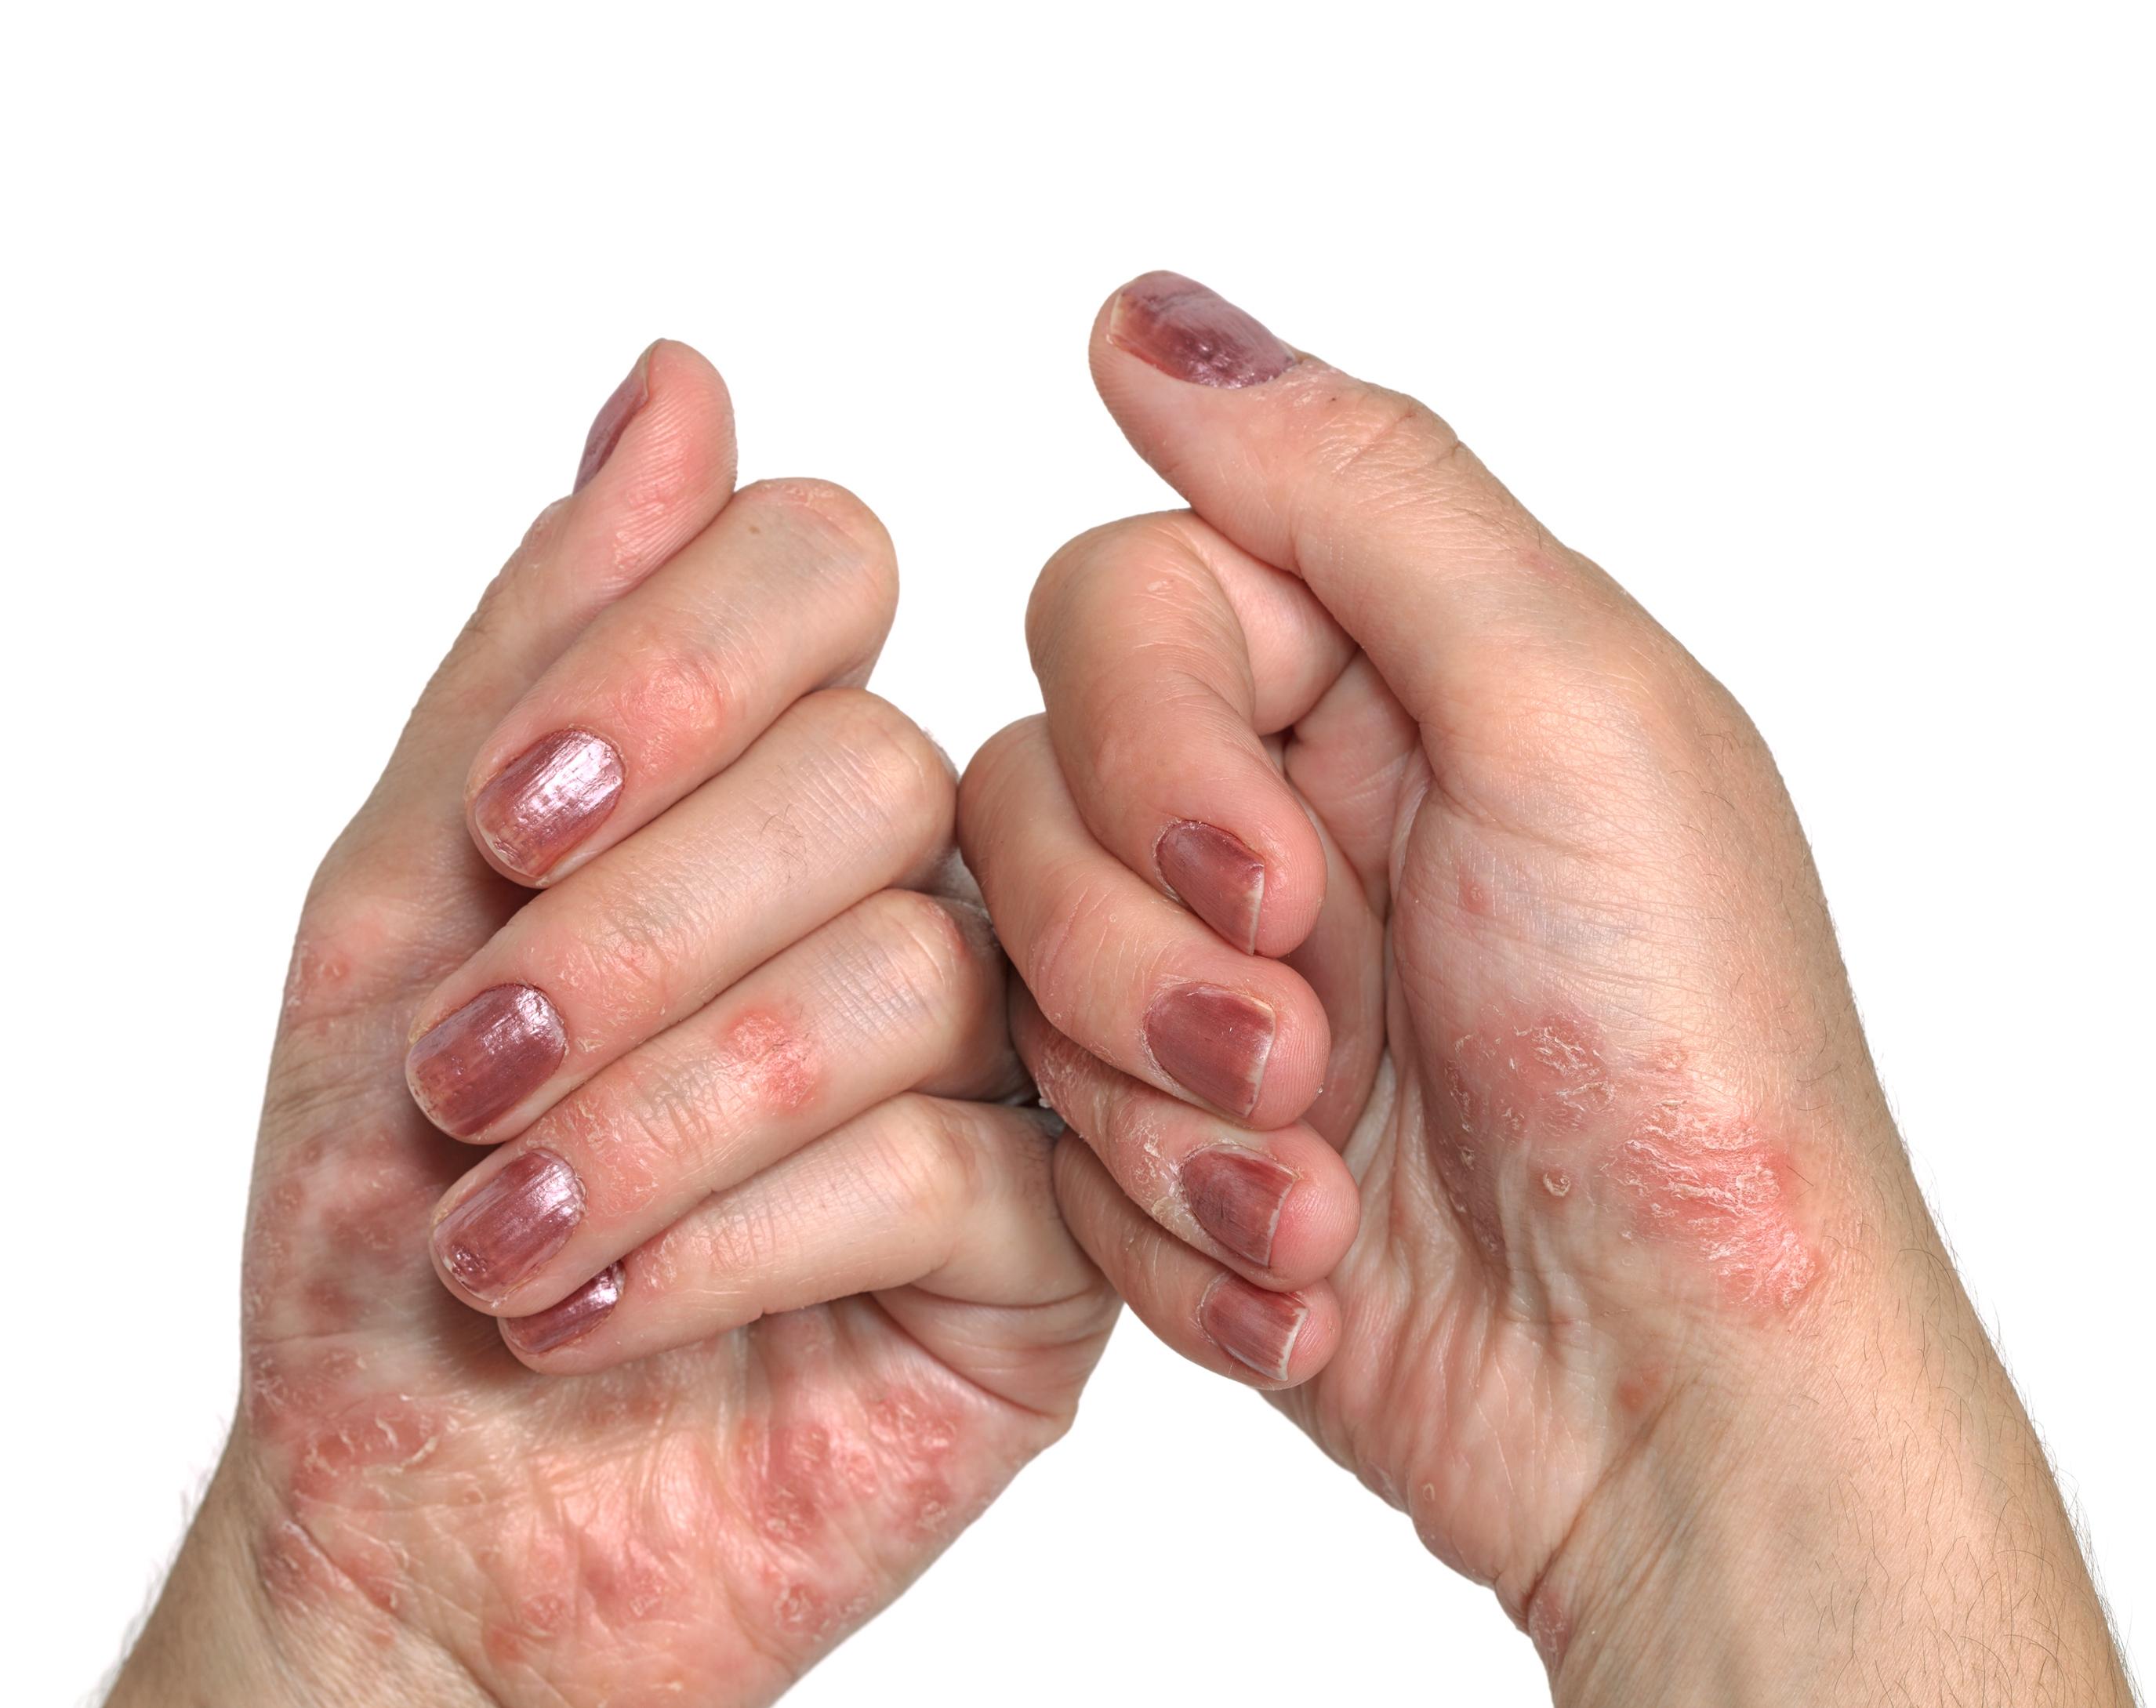 pustular psoriasis hands pictures Holt- tengeri gyógyfürdők pikkelysömör kezelésére